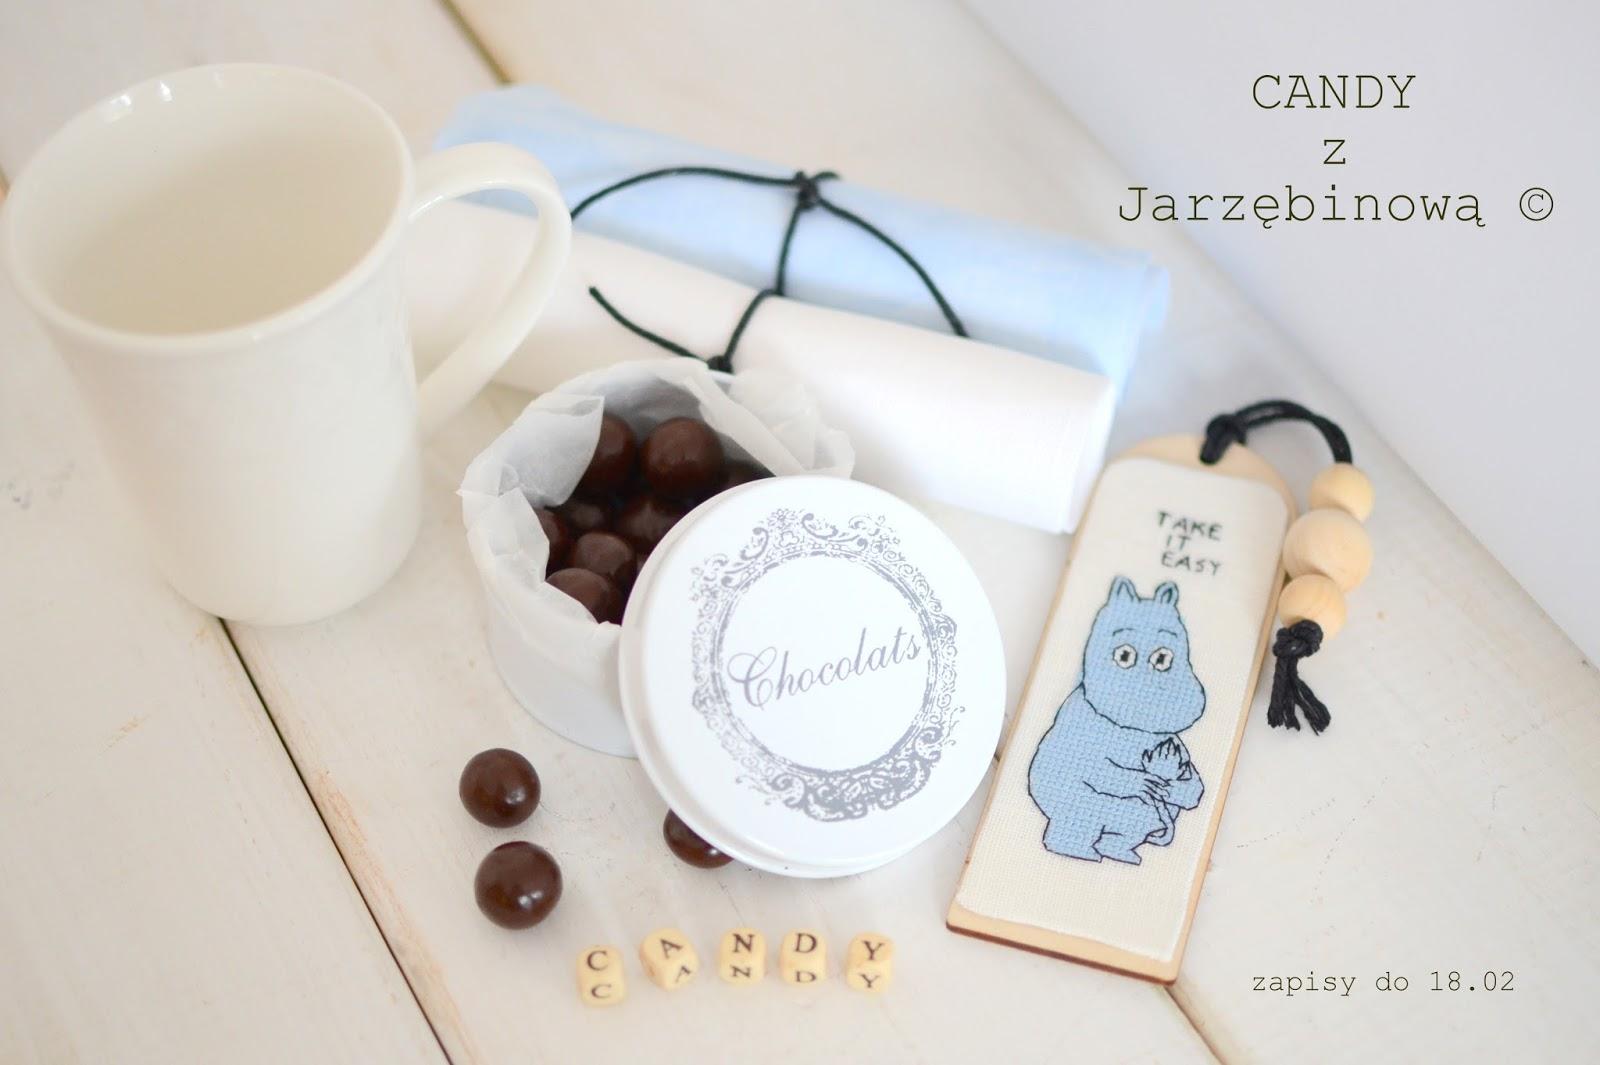 Candy u Agi Jarzębinowej